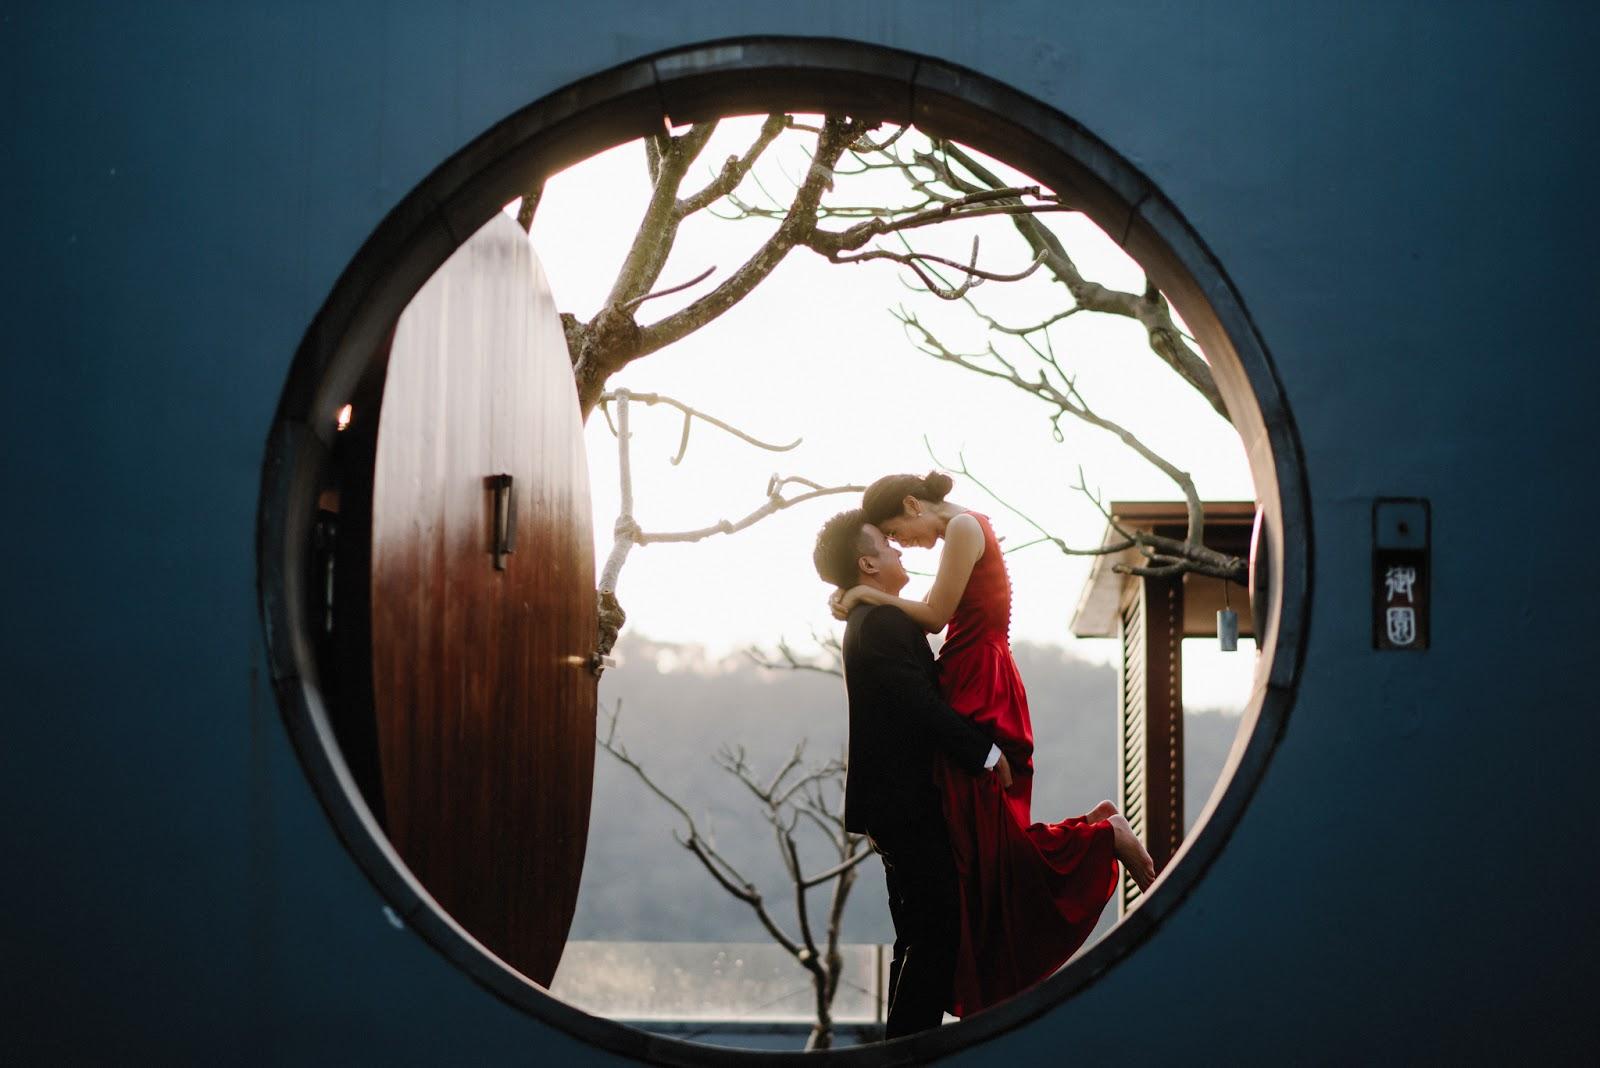 涵碧樓, 南投婚攝, 派大楊, 紀實攝影, 美式婚禮, 婚拍, 婚宴, getmarry, PTT, Wedding, 文定,